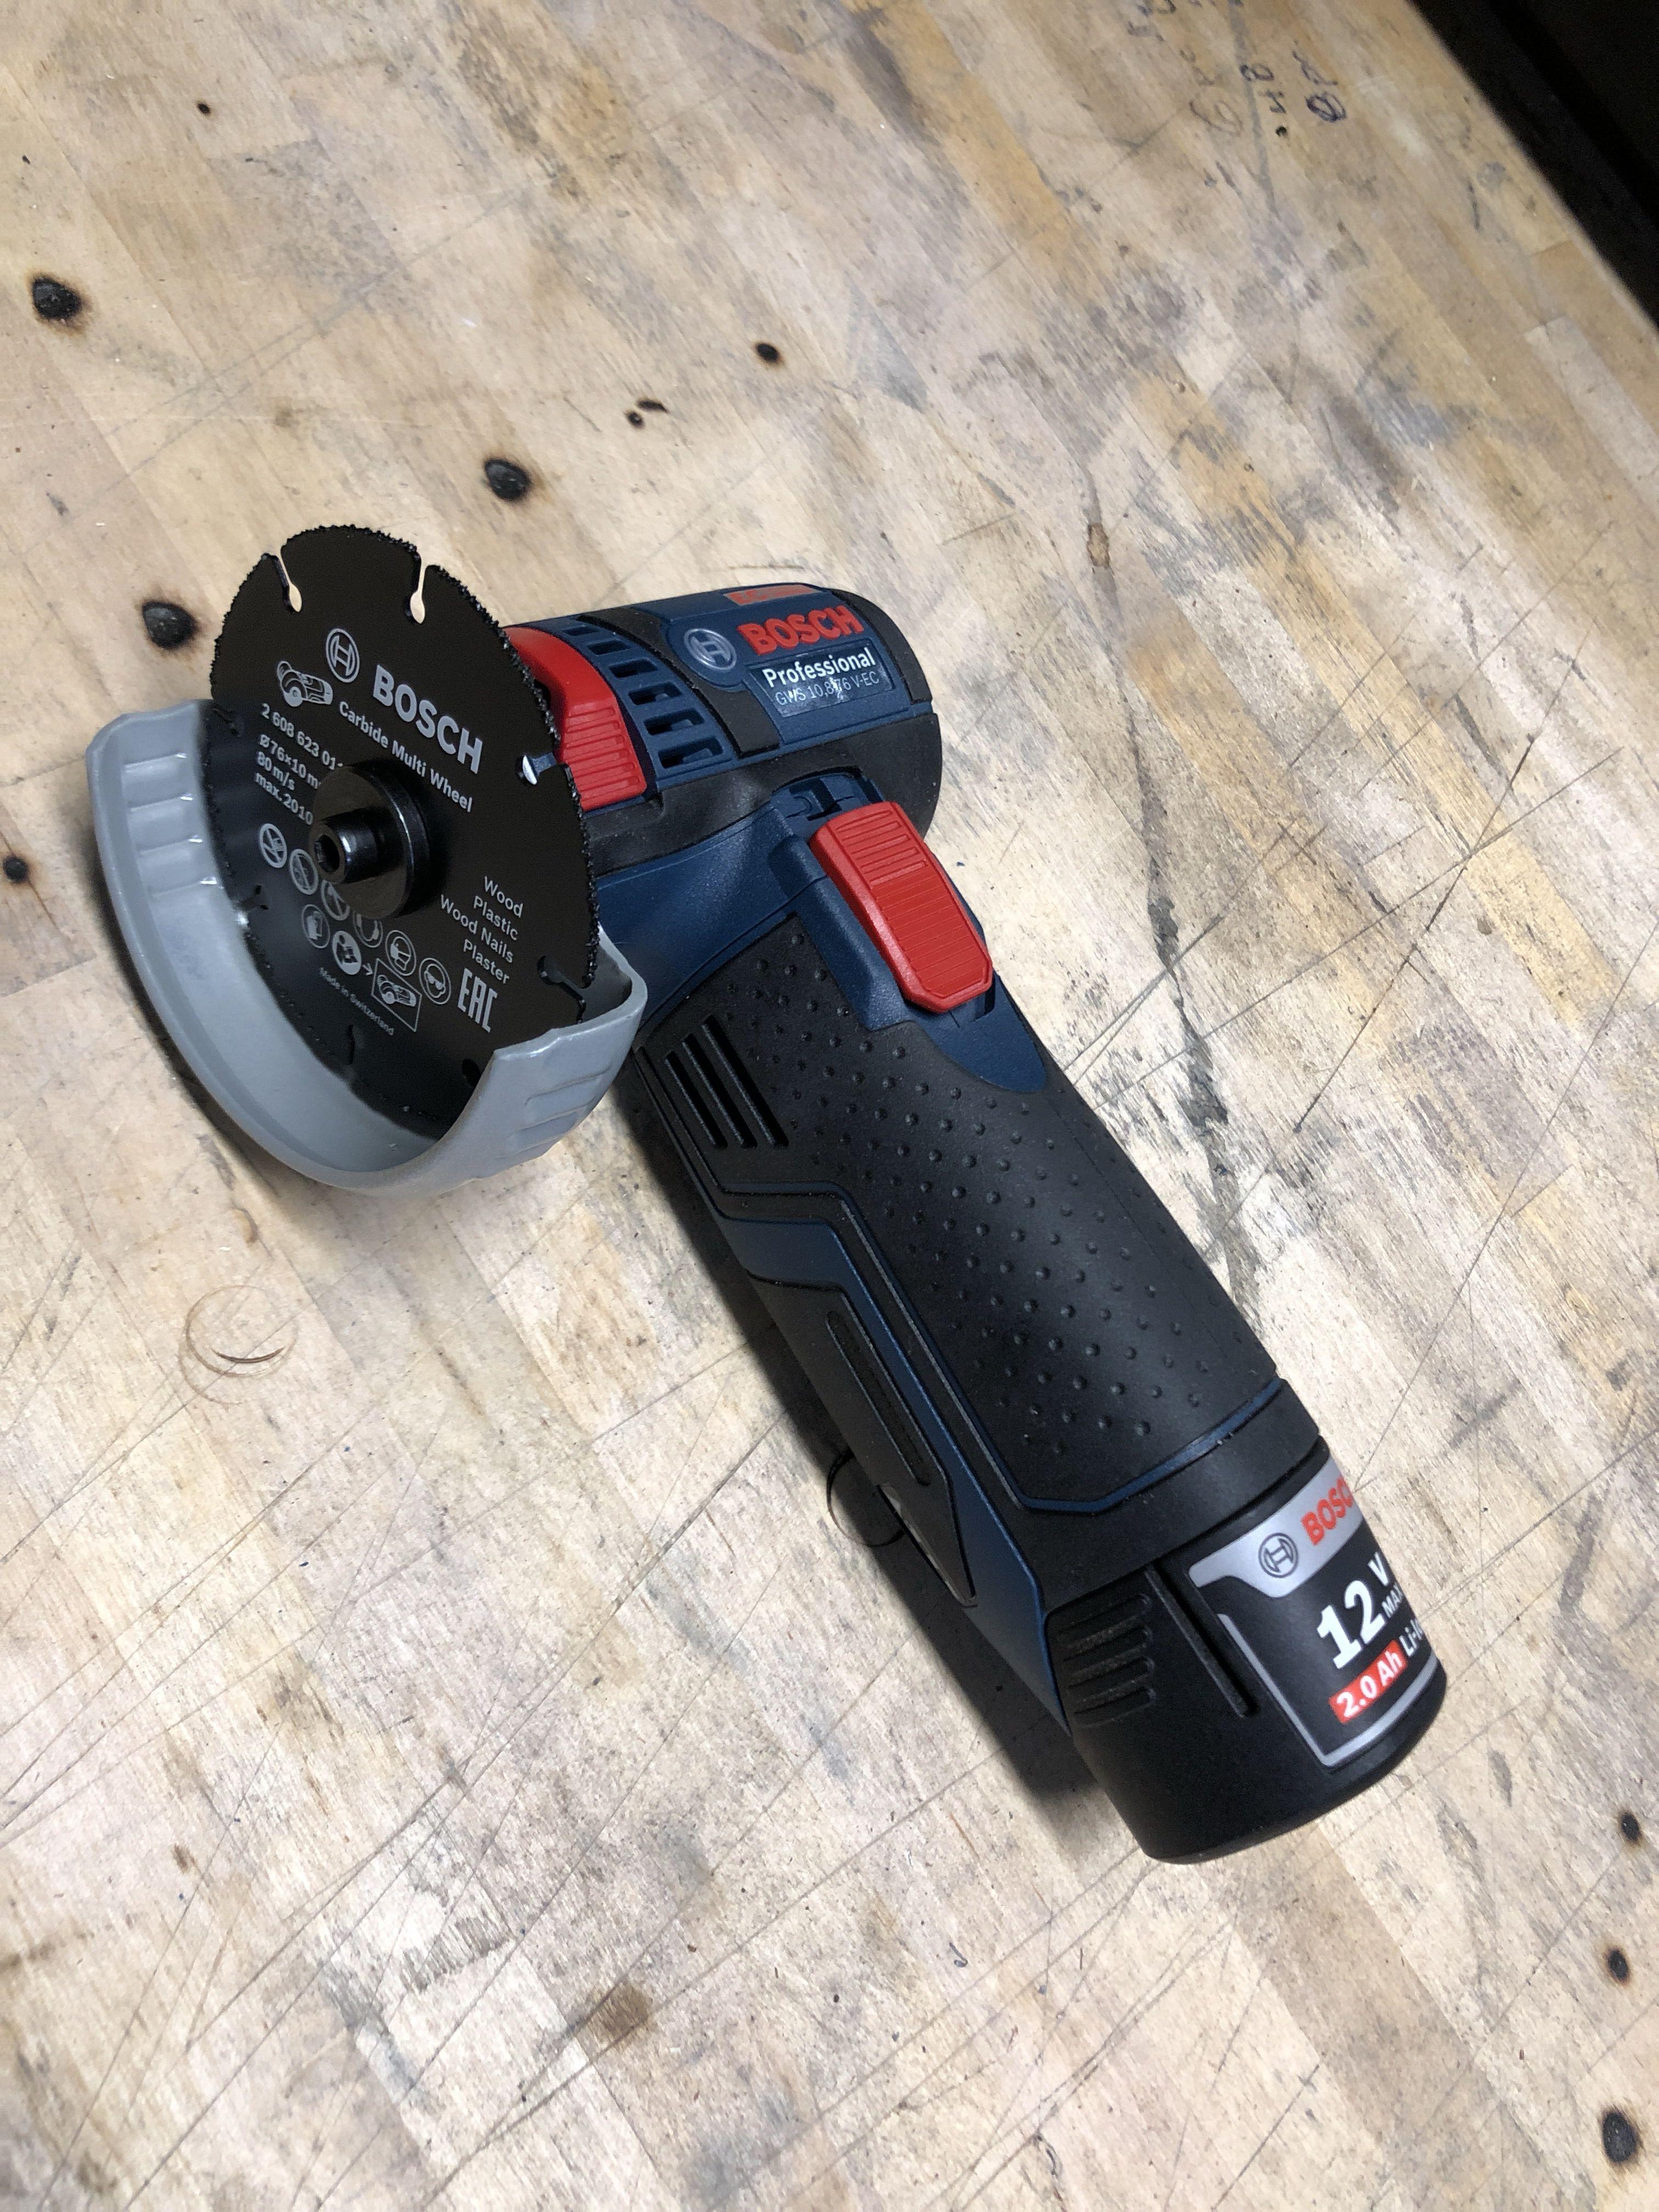 Pin Em Bosch Tools